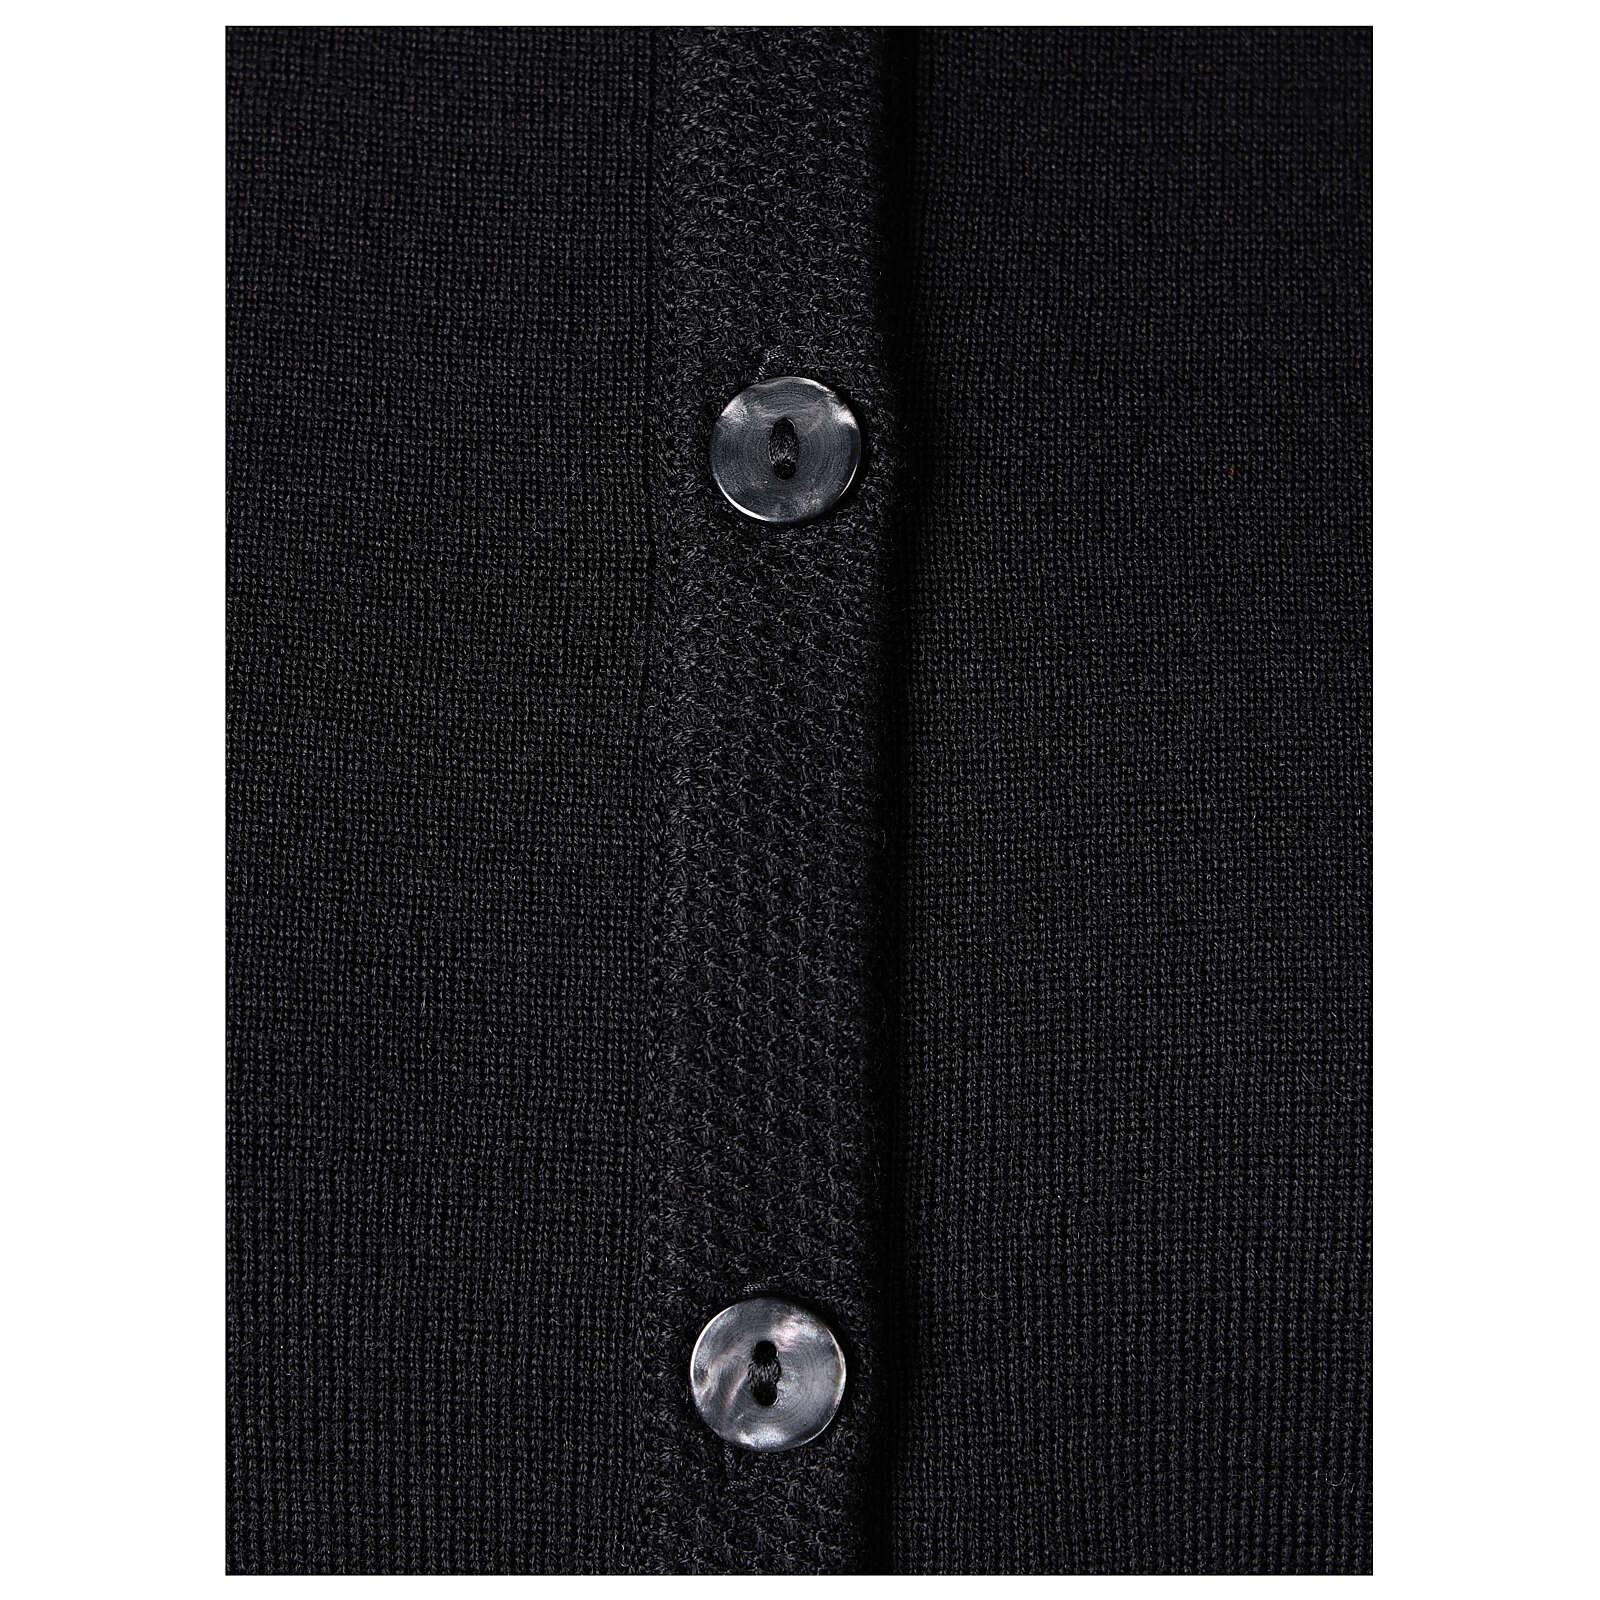 Kardigan siostra zakonna sweter czarny kołnierzyk koreański kieszonki dzianina gładka 50% akryl 50% wełna merynos In Primis 4